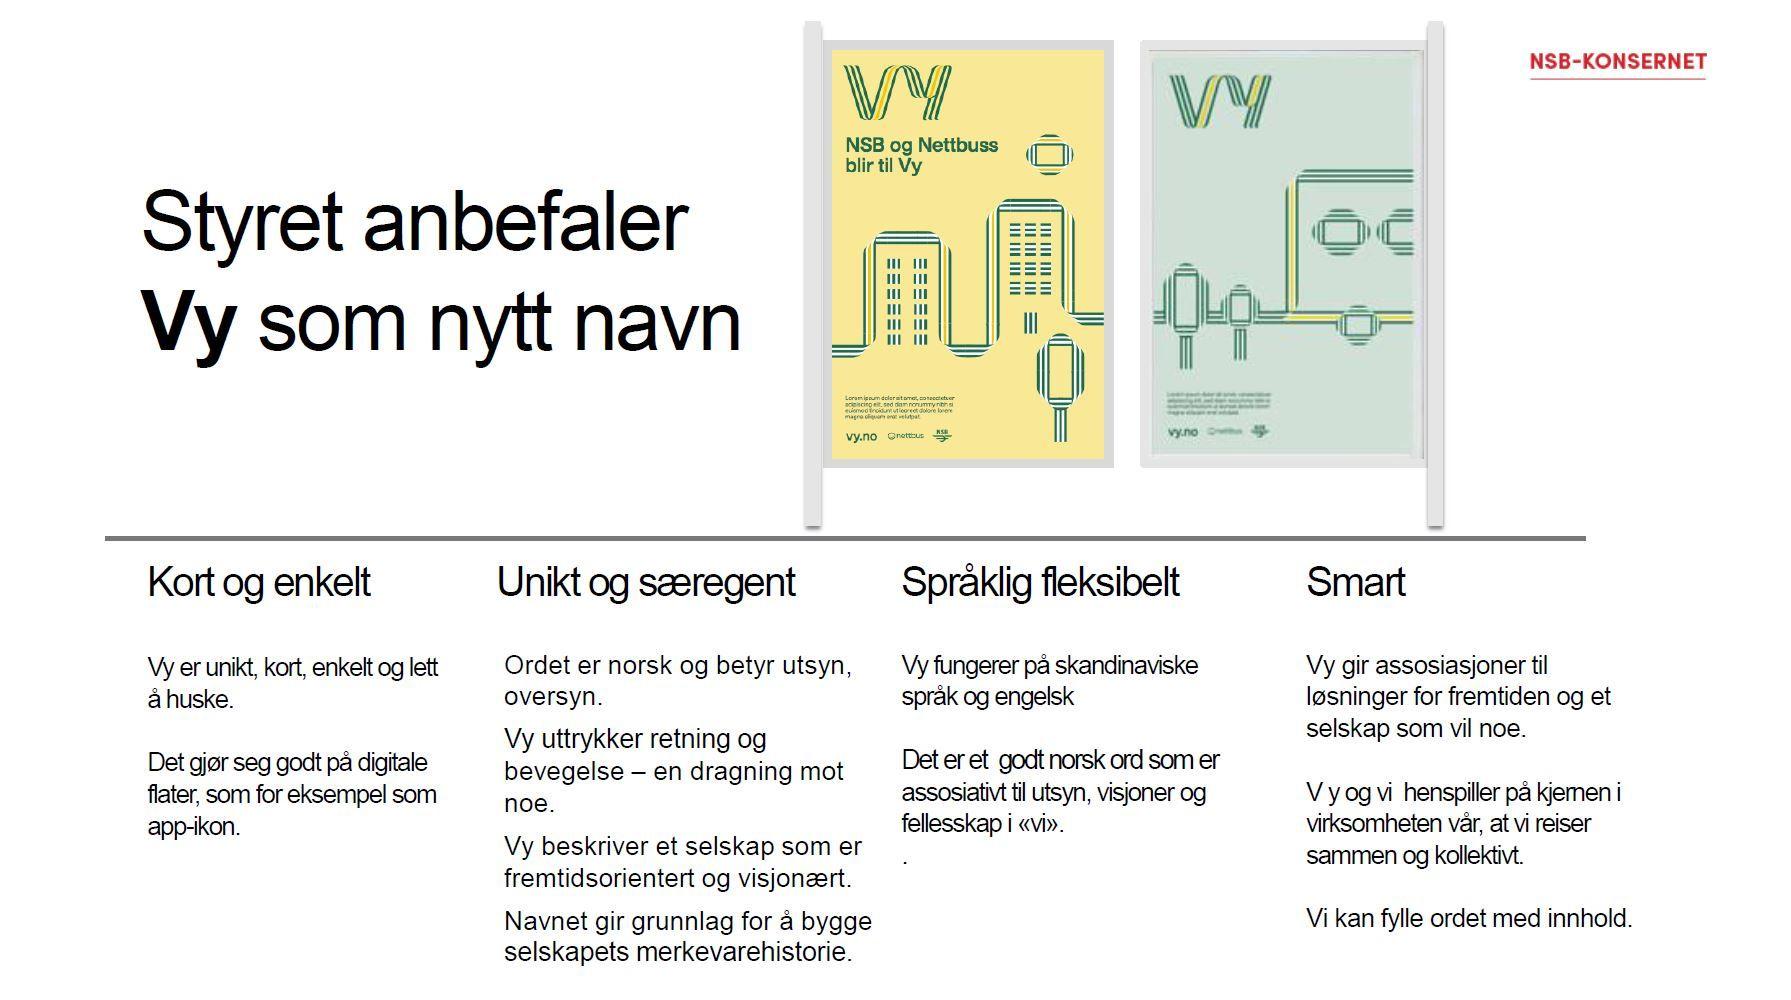 Slik så presentasjonen NSB holdt for Erna Solberg, Siv Jensen og Trine Skei Grande ut.